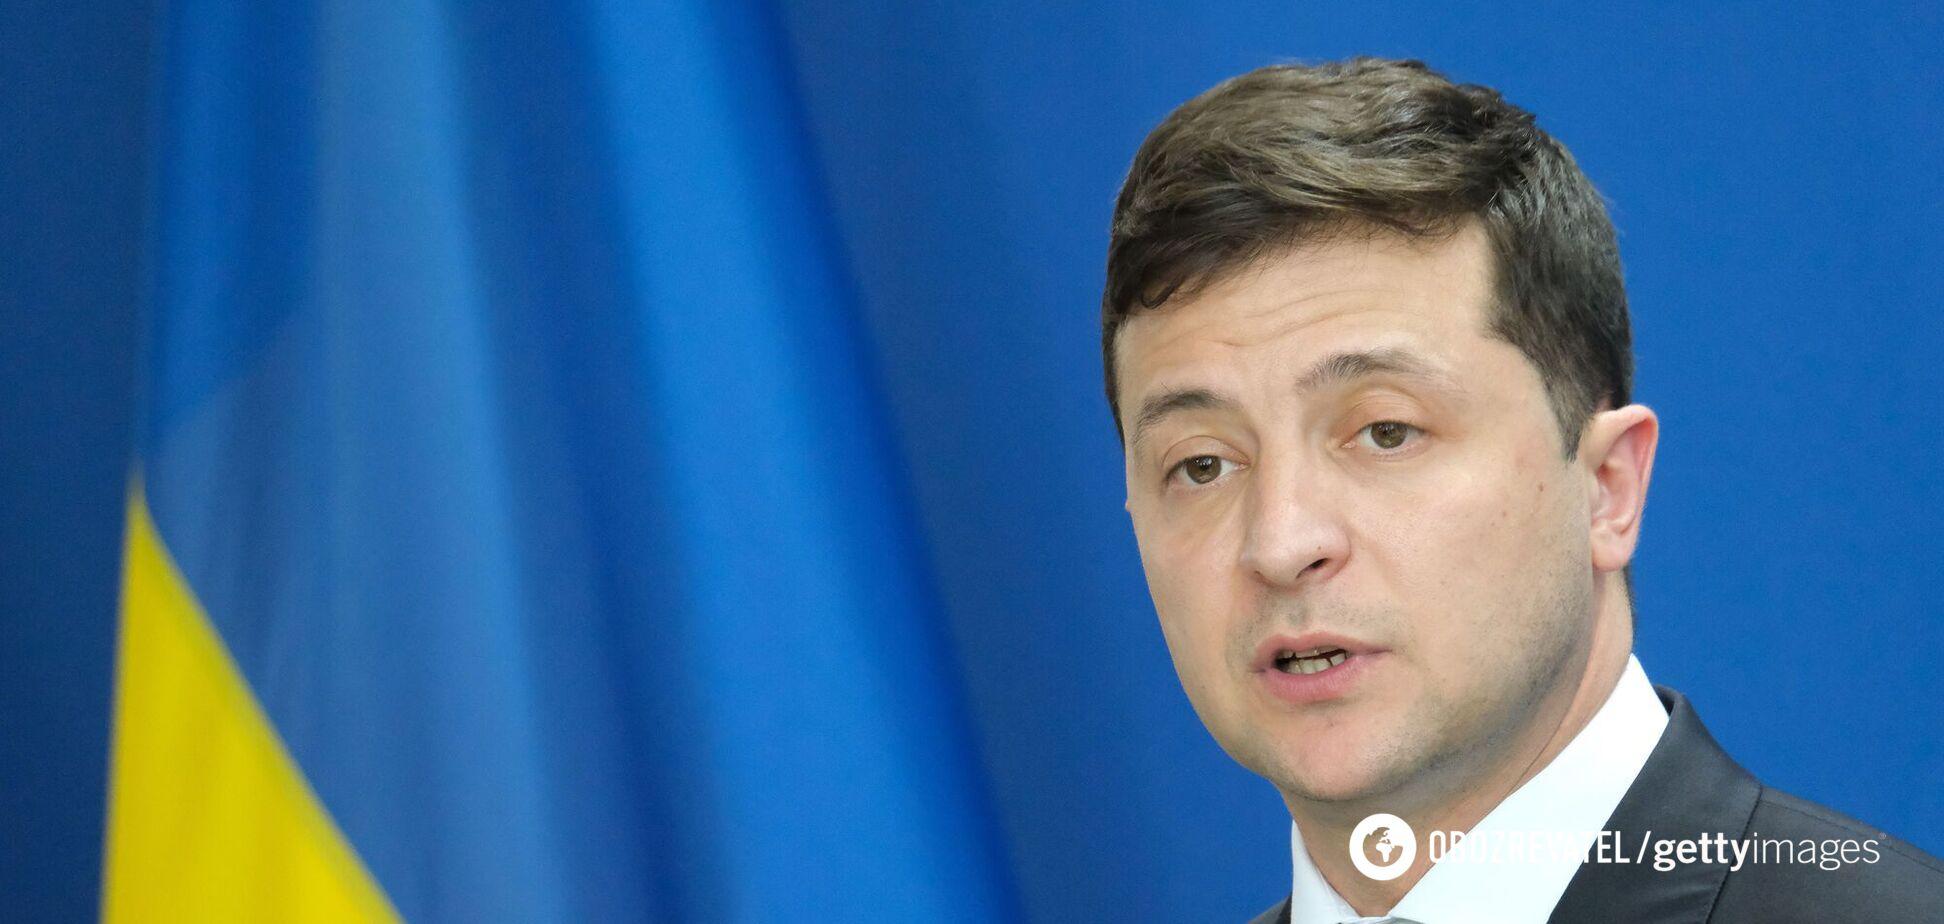 Зеленский призвал построить в Украине сверхсовременную лабораторию для создания вакцин